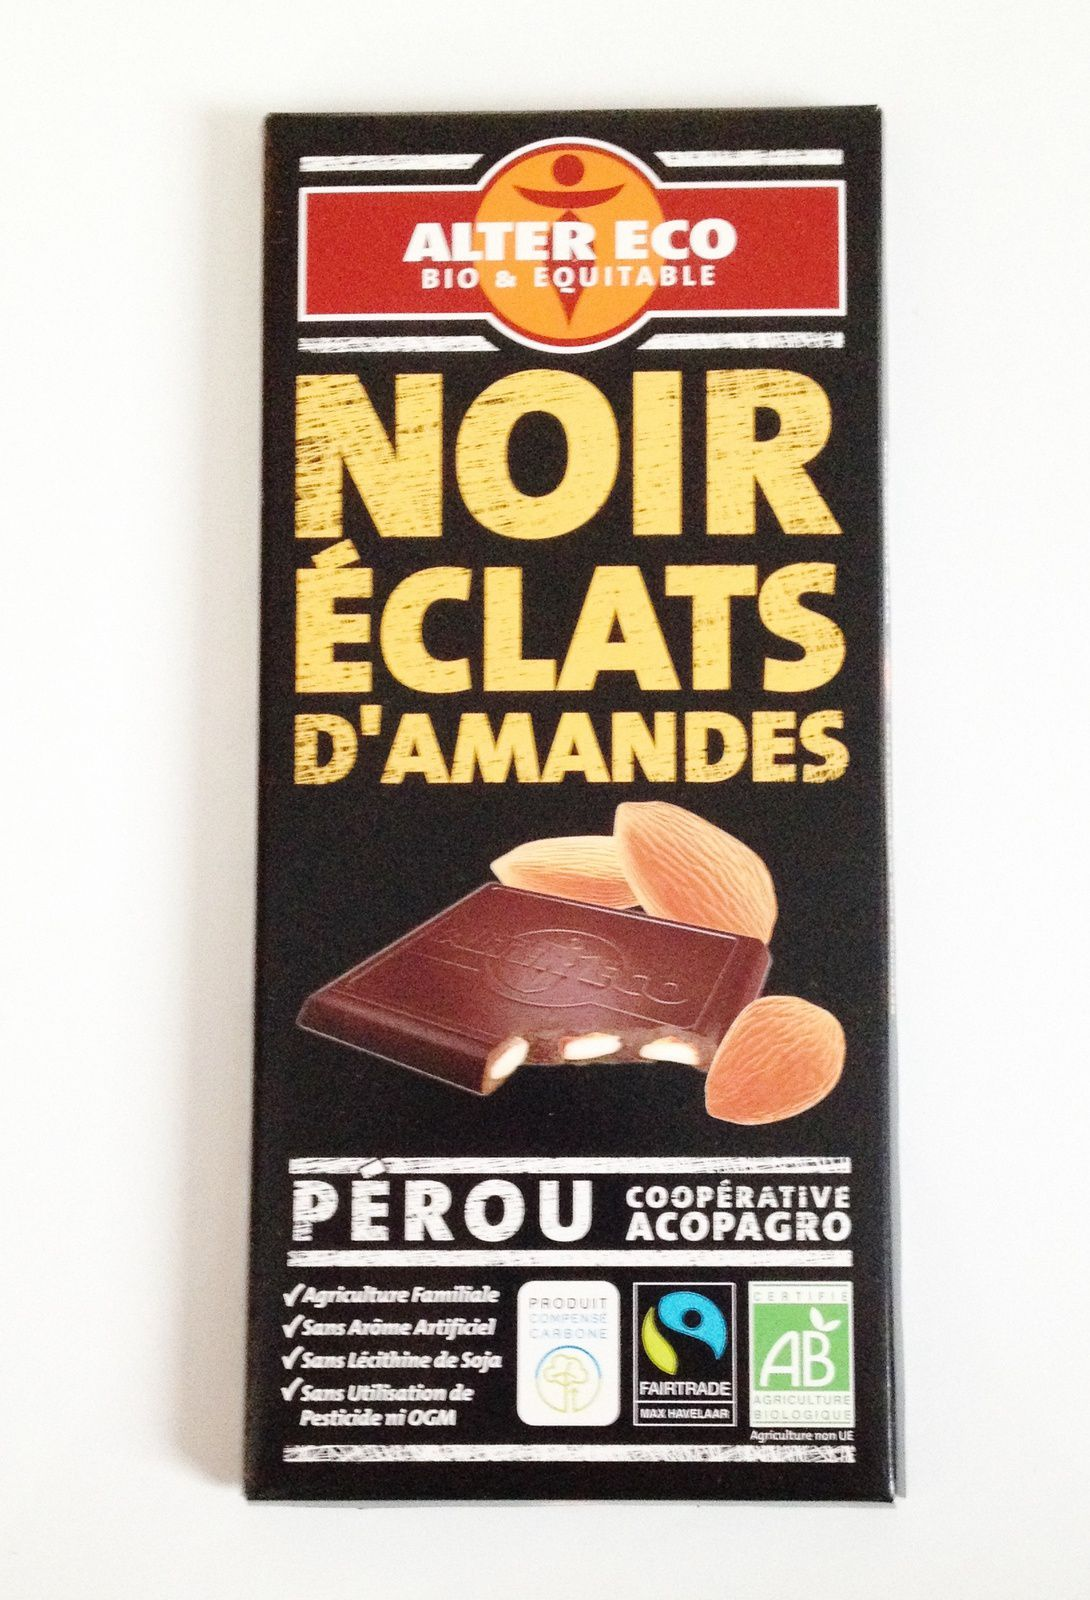 Du chocolat noir éclats d'amandes provenant du commerce équitable. Rien qu'avec la composition des ingrédients c'est une invitation au voyage: pâte de cacao (Pérou), sucre de canne (Paraguay), beurre de cacao (République Dominicaine), gousses de vanille (Madagascar)